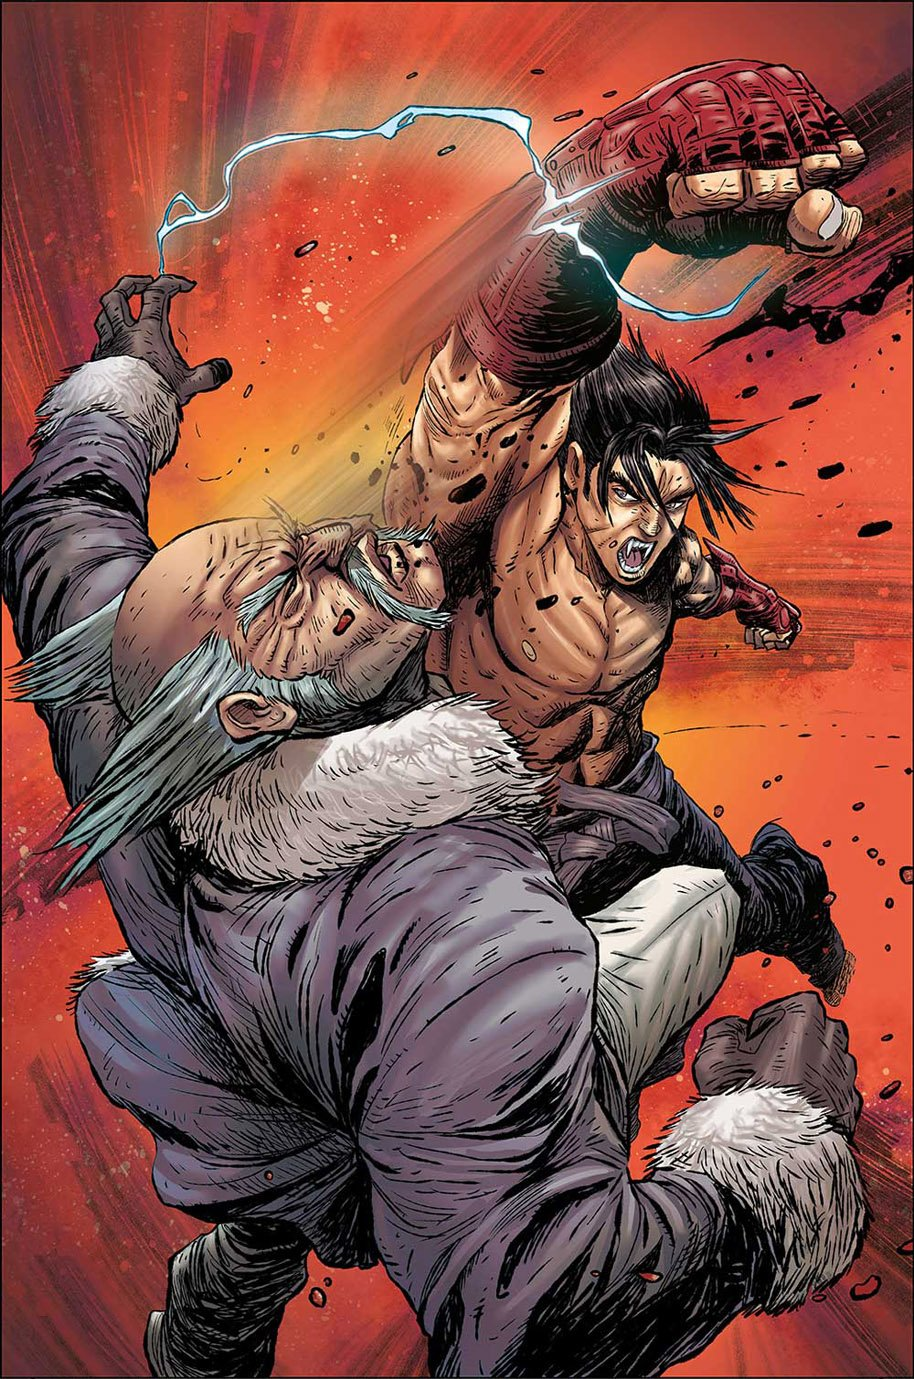 Новый комикс по вселенной Tekken выйдет в мае | Канобу - Изображение 1330